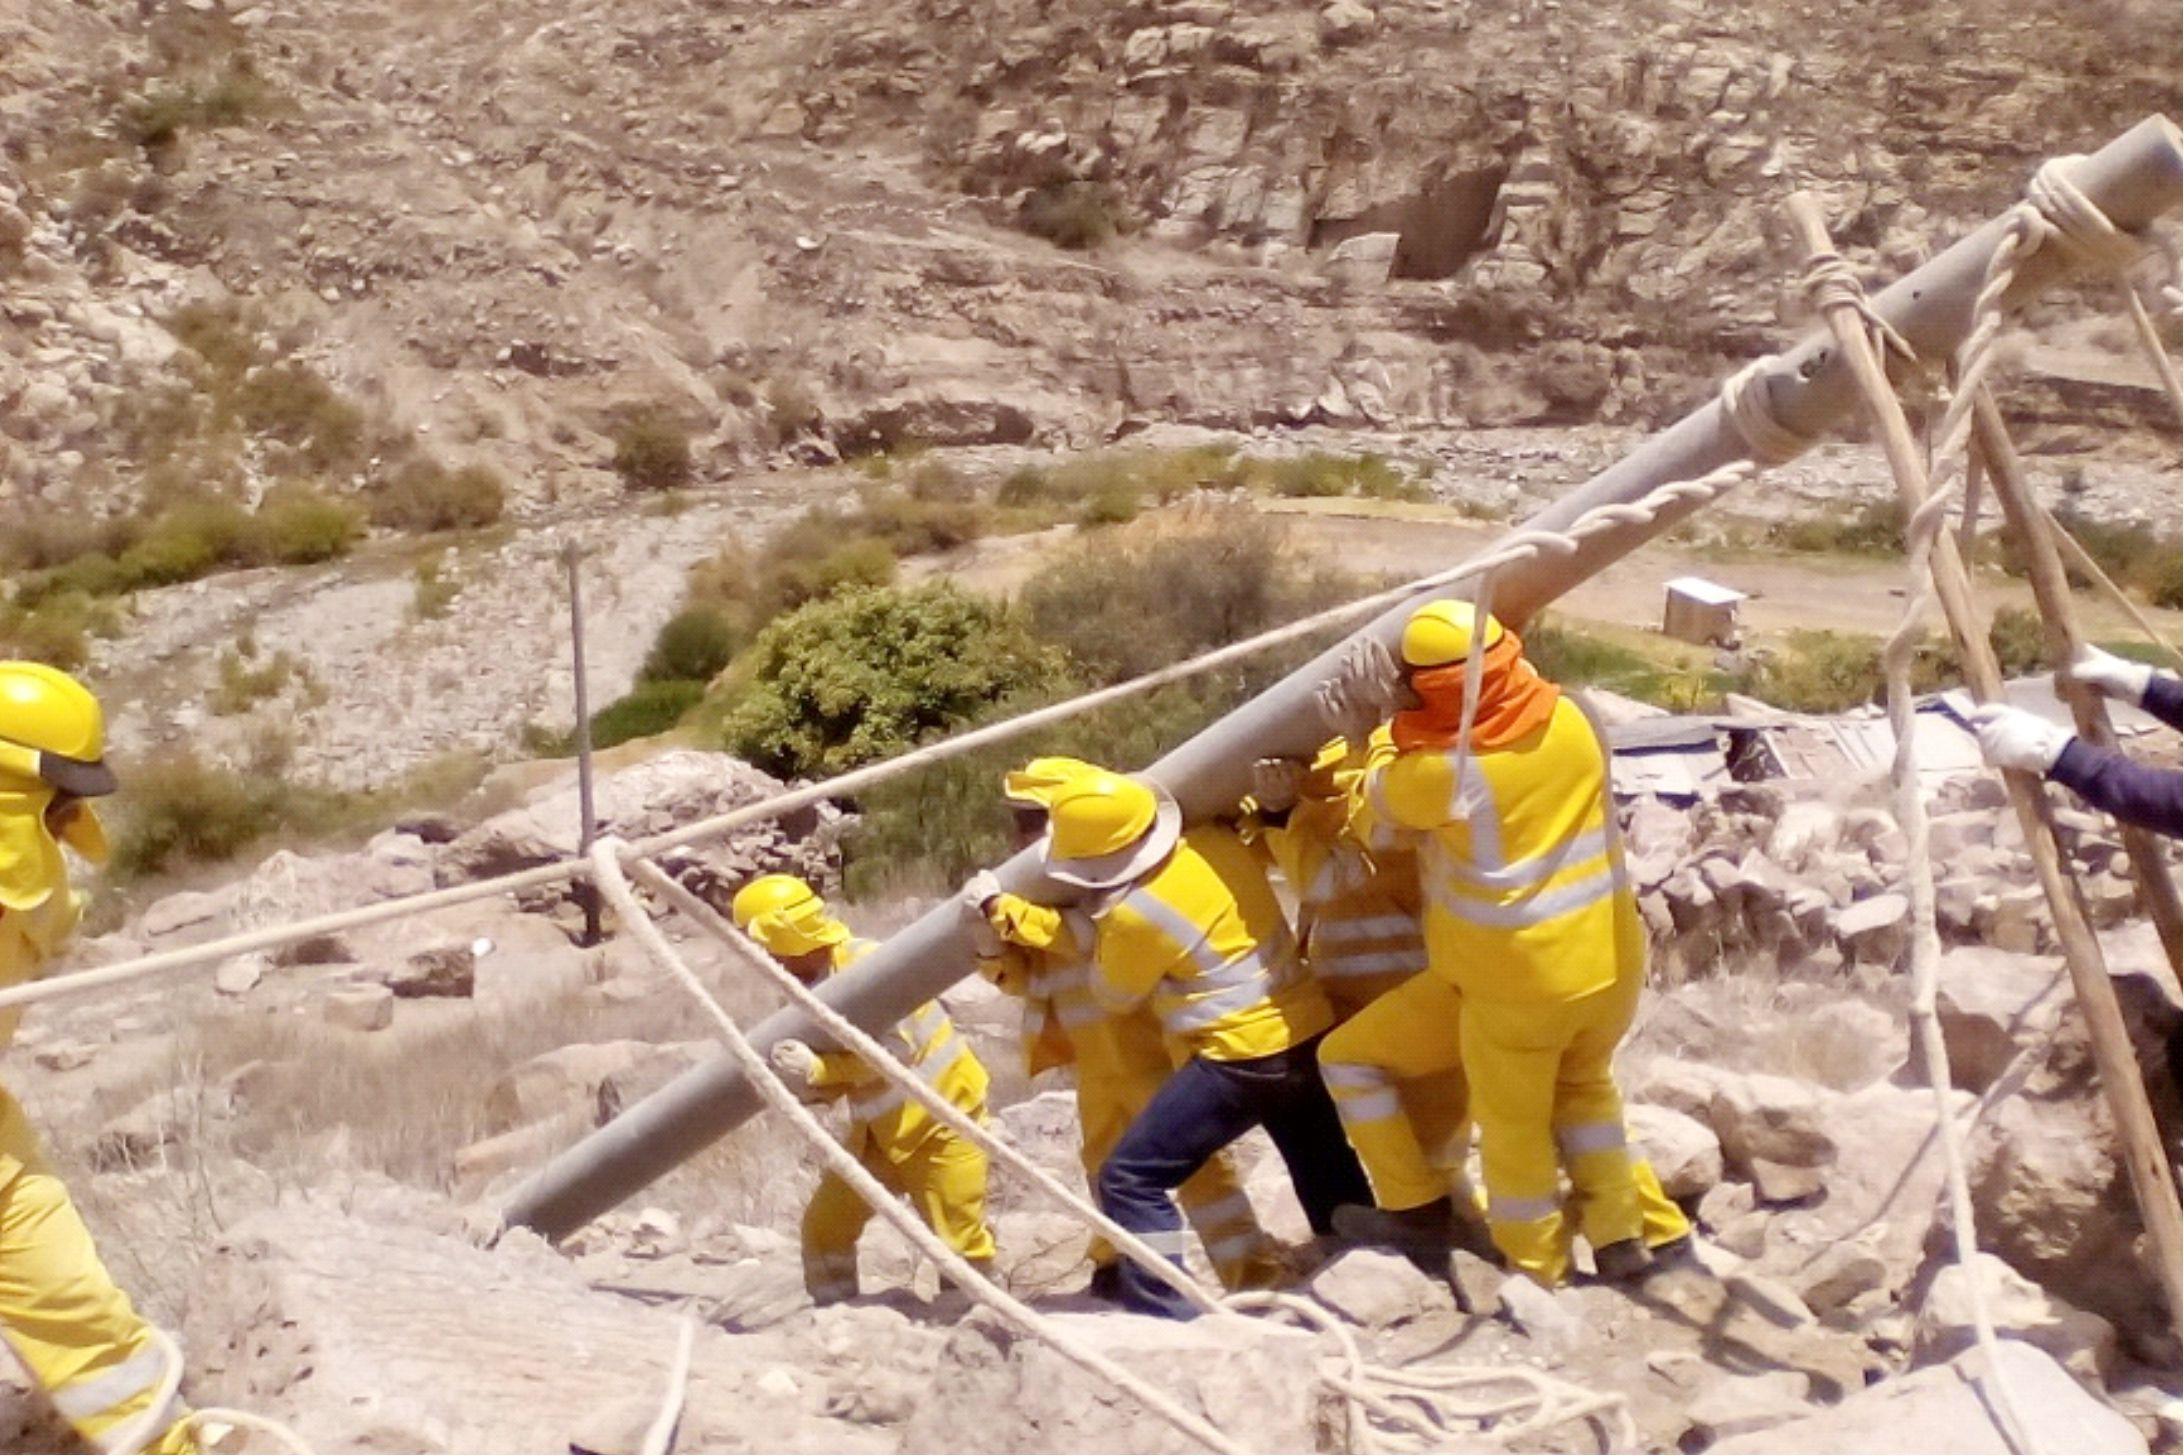 MUNICIPALIDAD DE TORATA INVIERTE MÁS DE 04 MILLONES DE SOLES EN OBRAS DE ELECTRIFICACIÓN RURAL EN EL DISTRITO